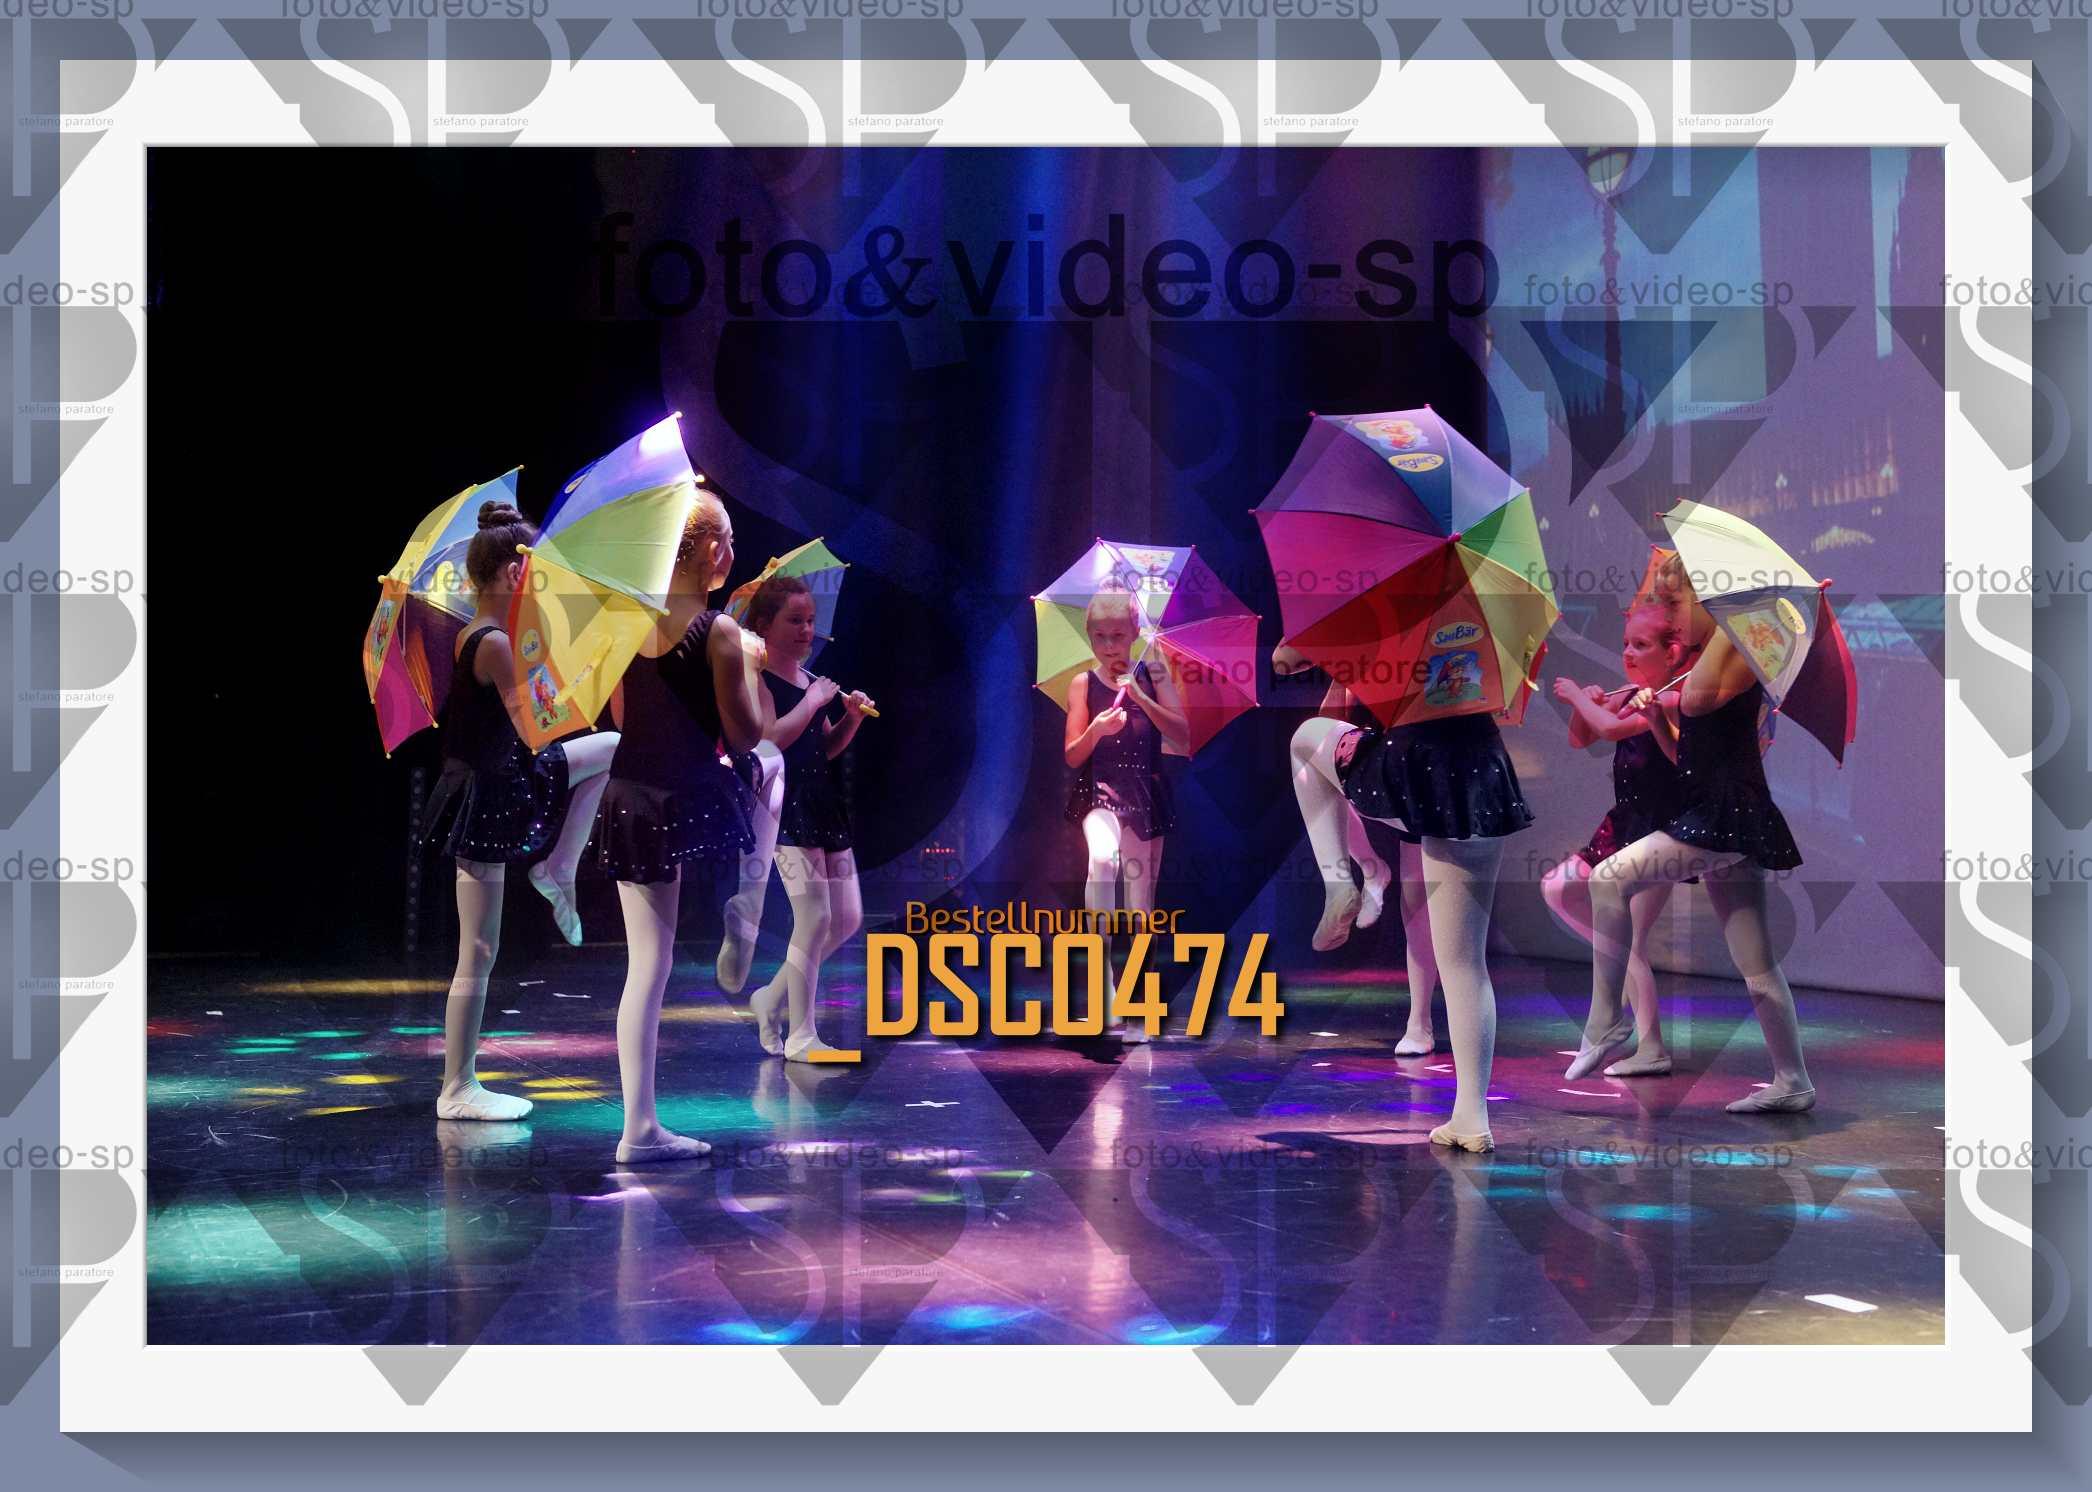 DSC0474